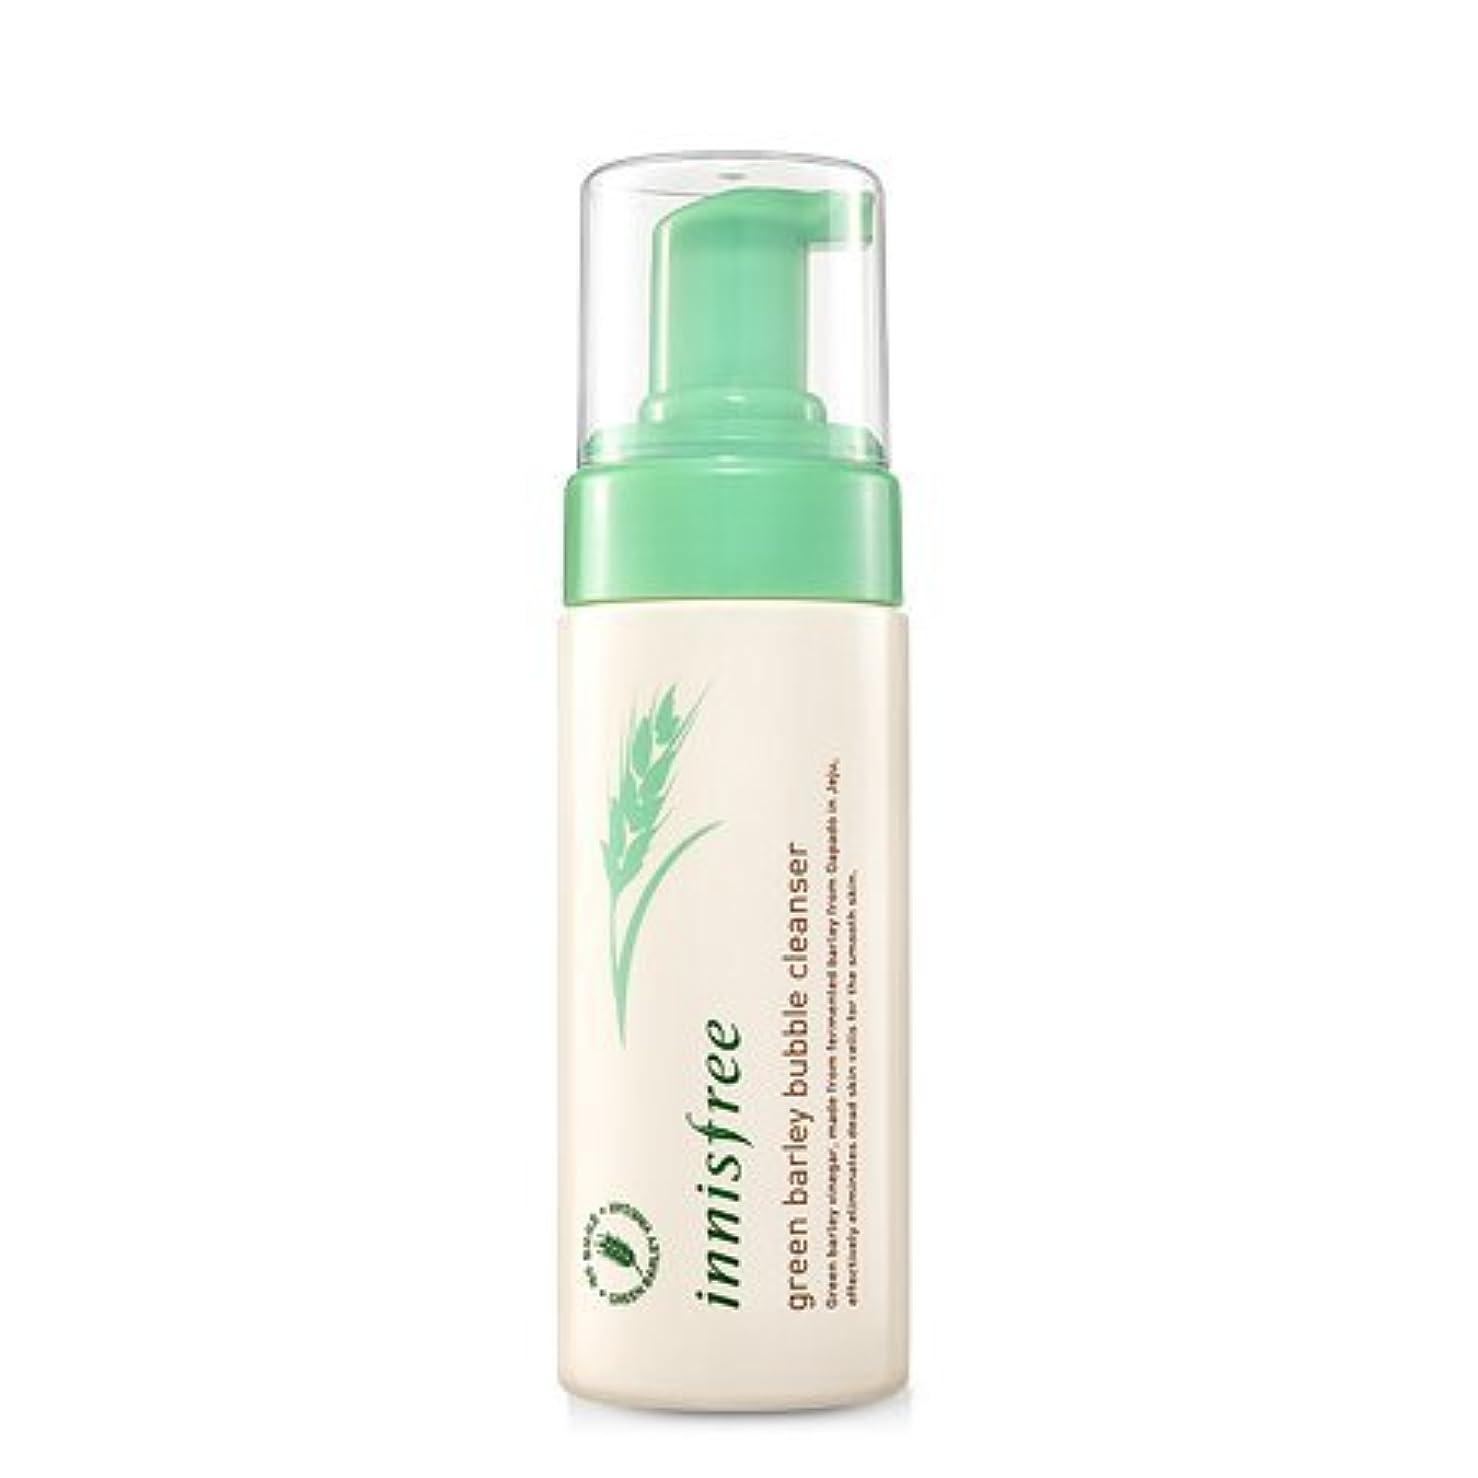 エンディングランデブー食欲[innisfree(イニスフリー)] Green barley bubble cleanser 150ml 青麦のバブルクレンザー [並行輸入品][海外直送品]